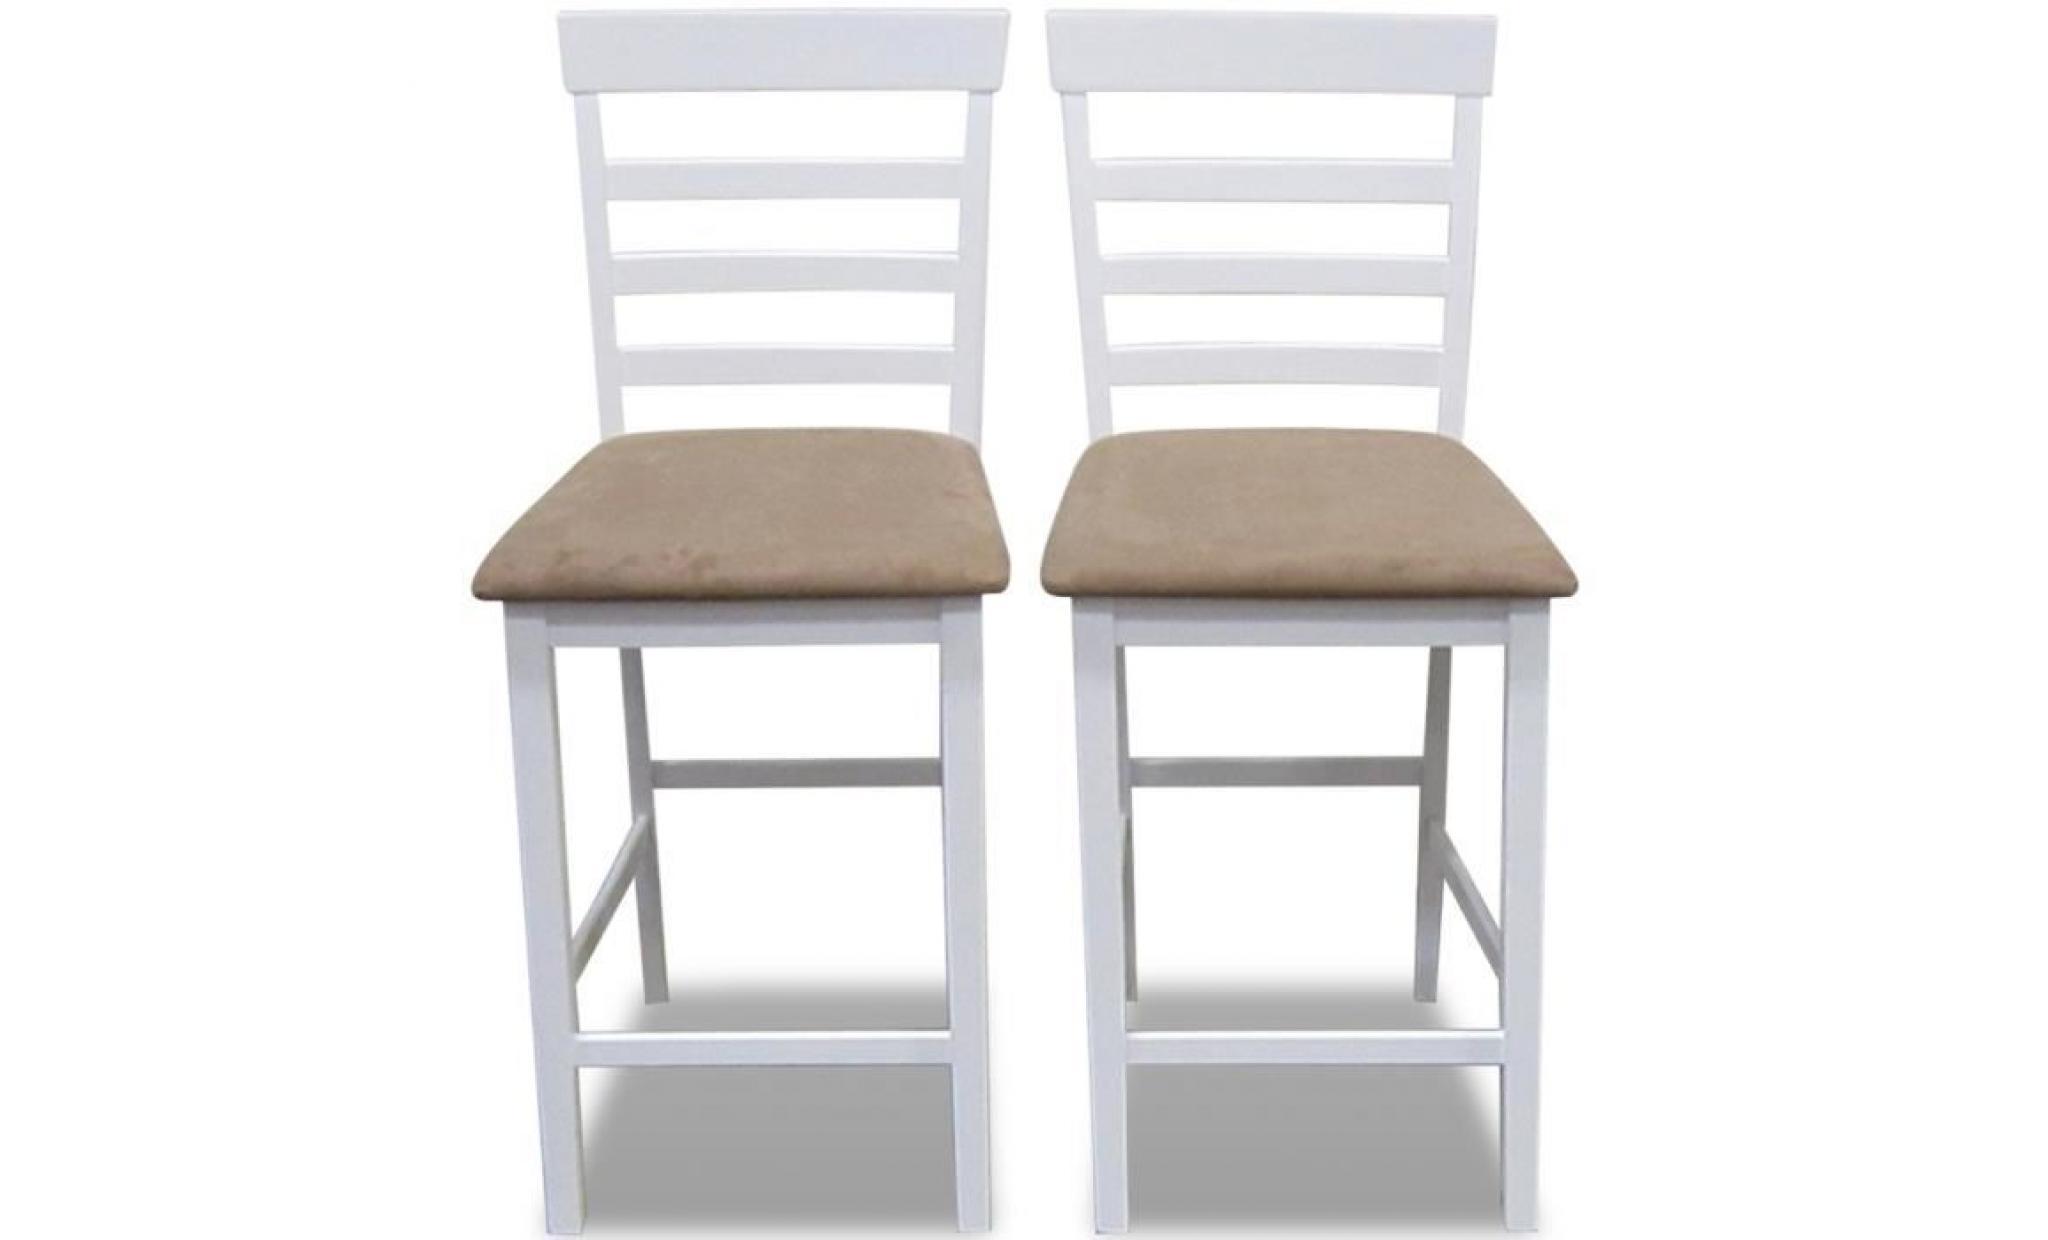 Set De 2 Chaises De Bar En Bois Blanc Beige Durable Solide Stable Dans Salon Bistrot Haute Qualite